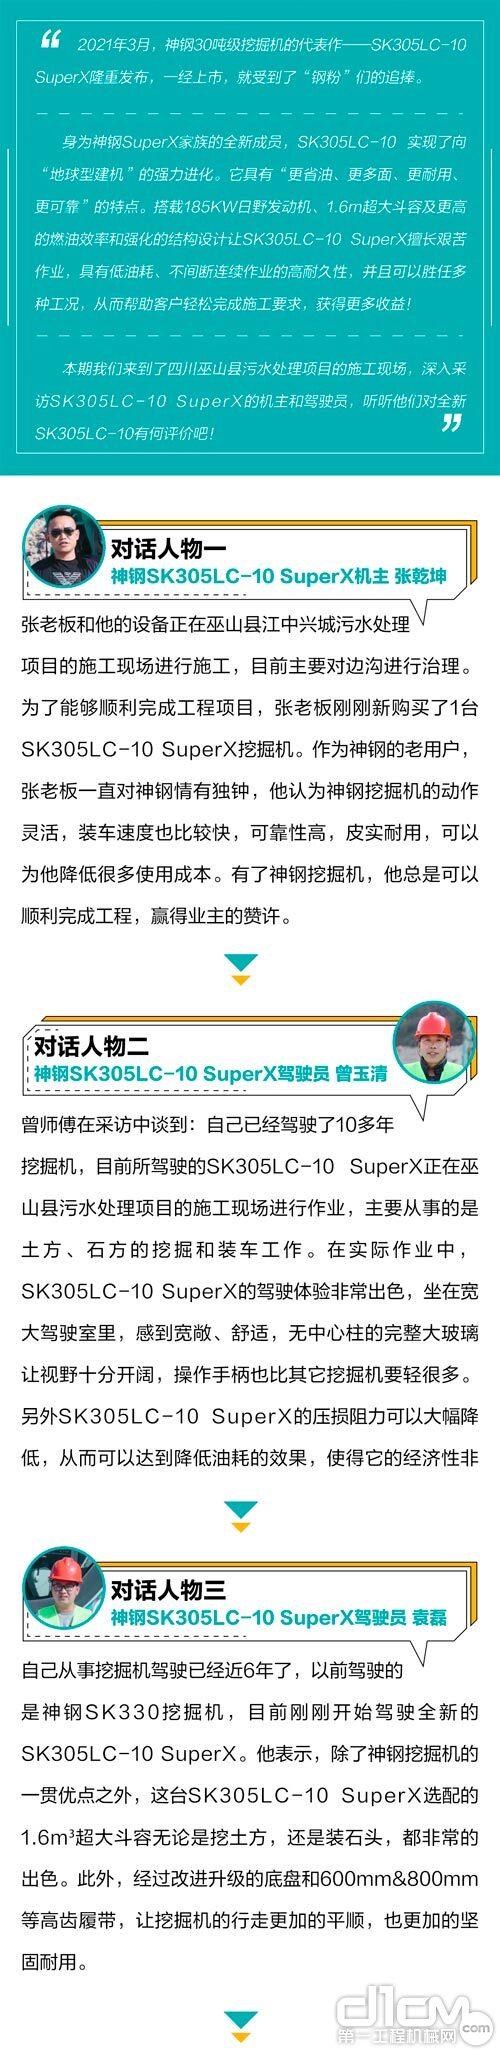 神钢SK305LC-10 SuperX征战巫山县污水处理项目